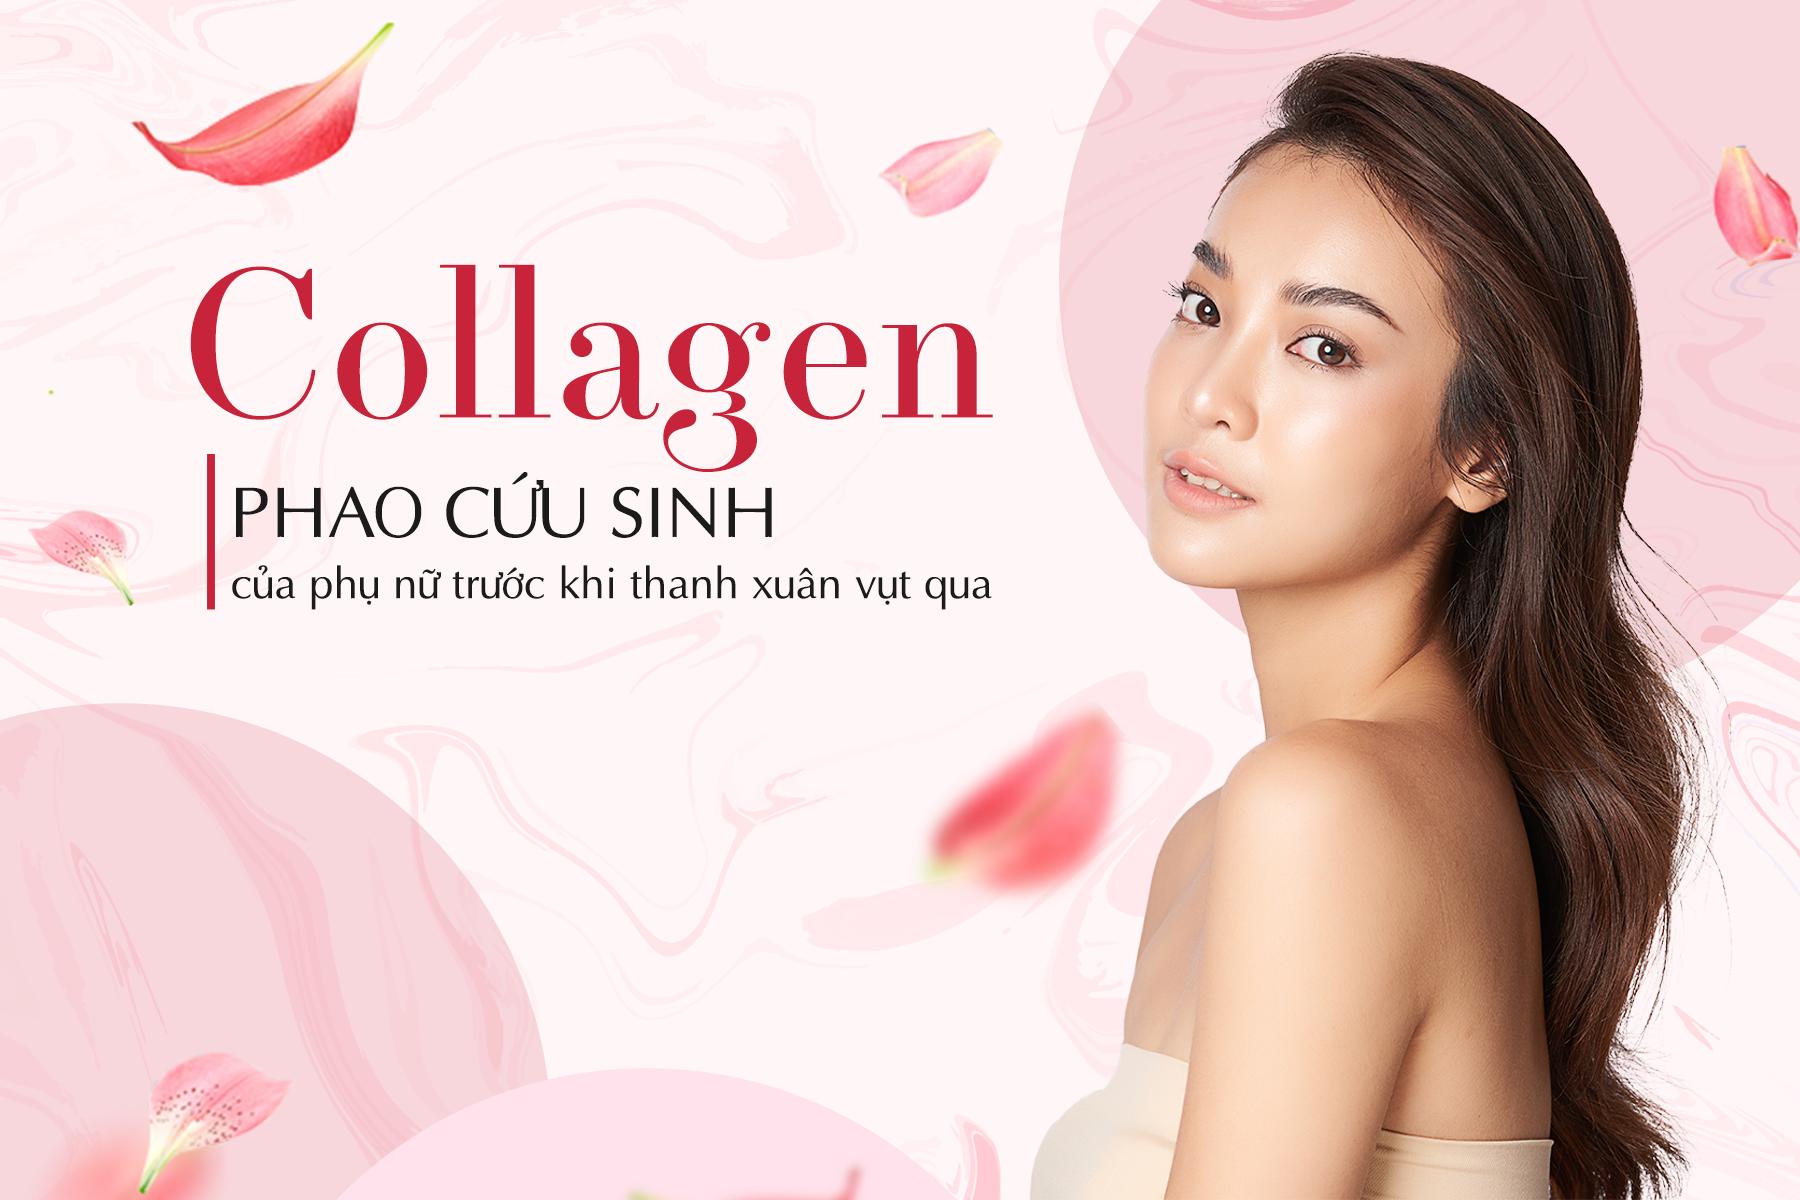 Collagen phao cứu sinh cho phụ nữ trước khi thanh xuân vụt qua